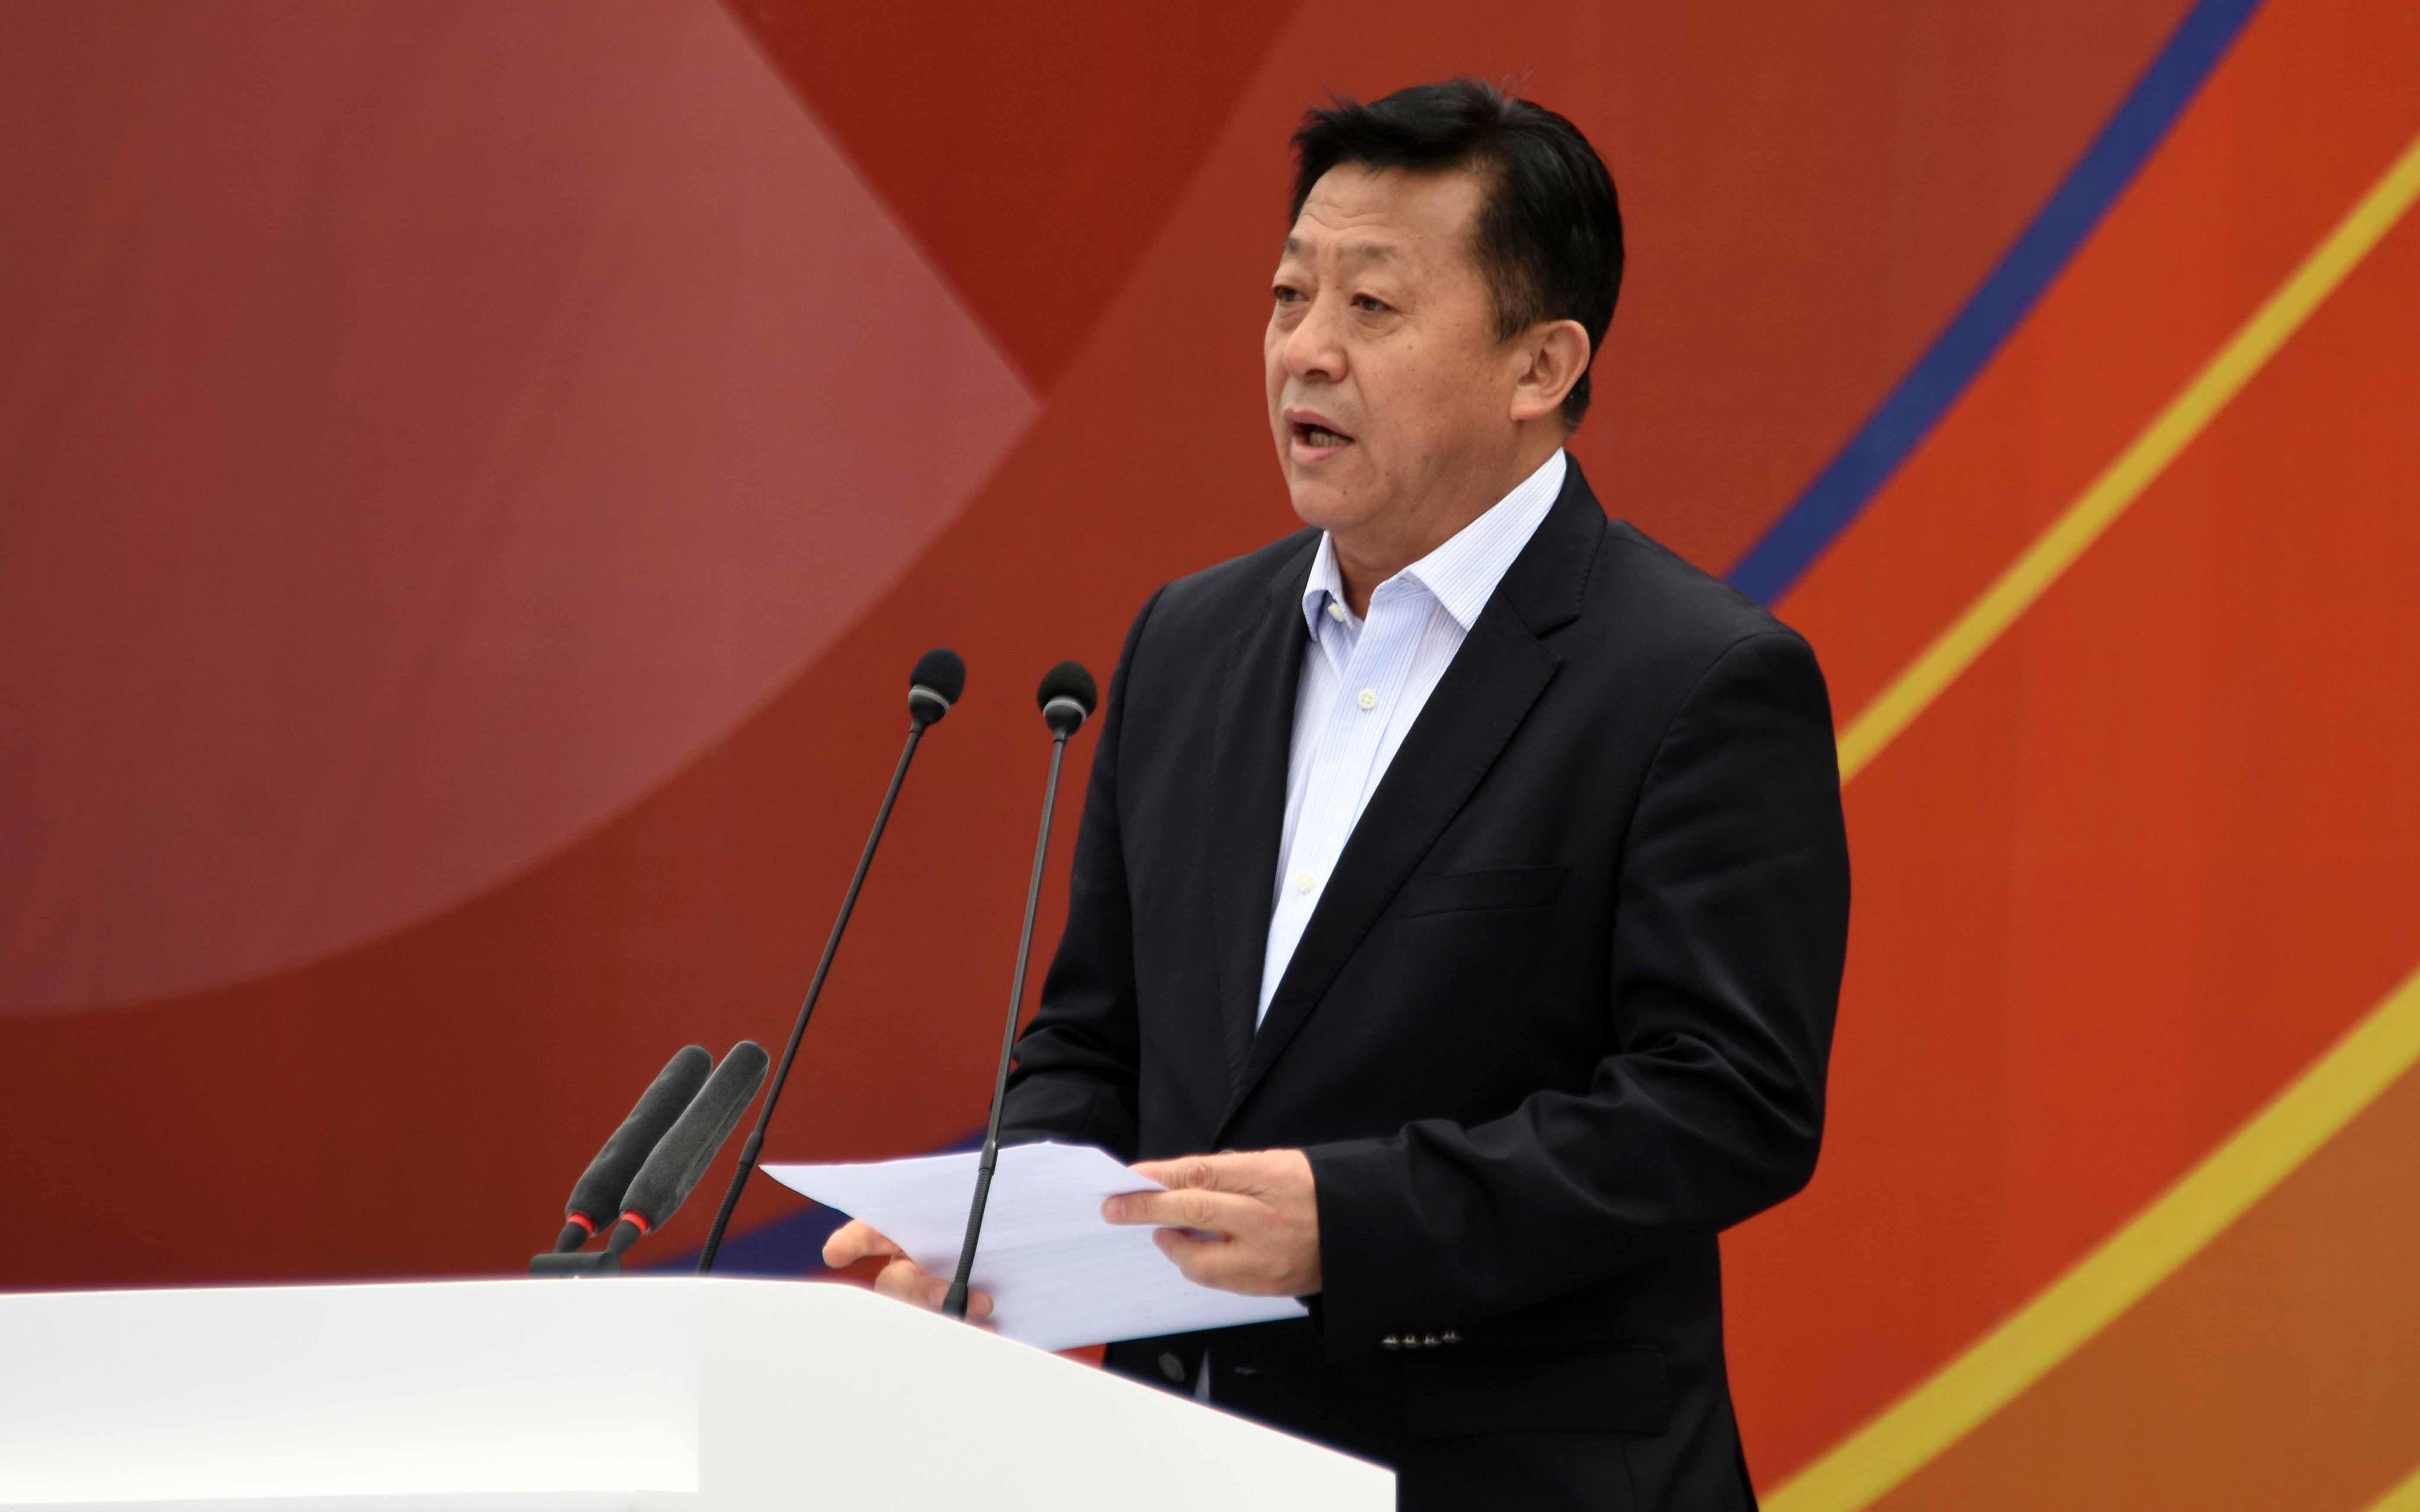 足协副主席杜兆才:足球科班出身,外事工作有优势